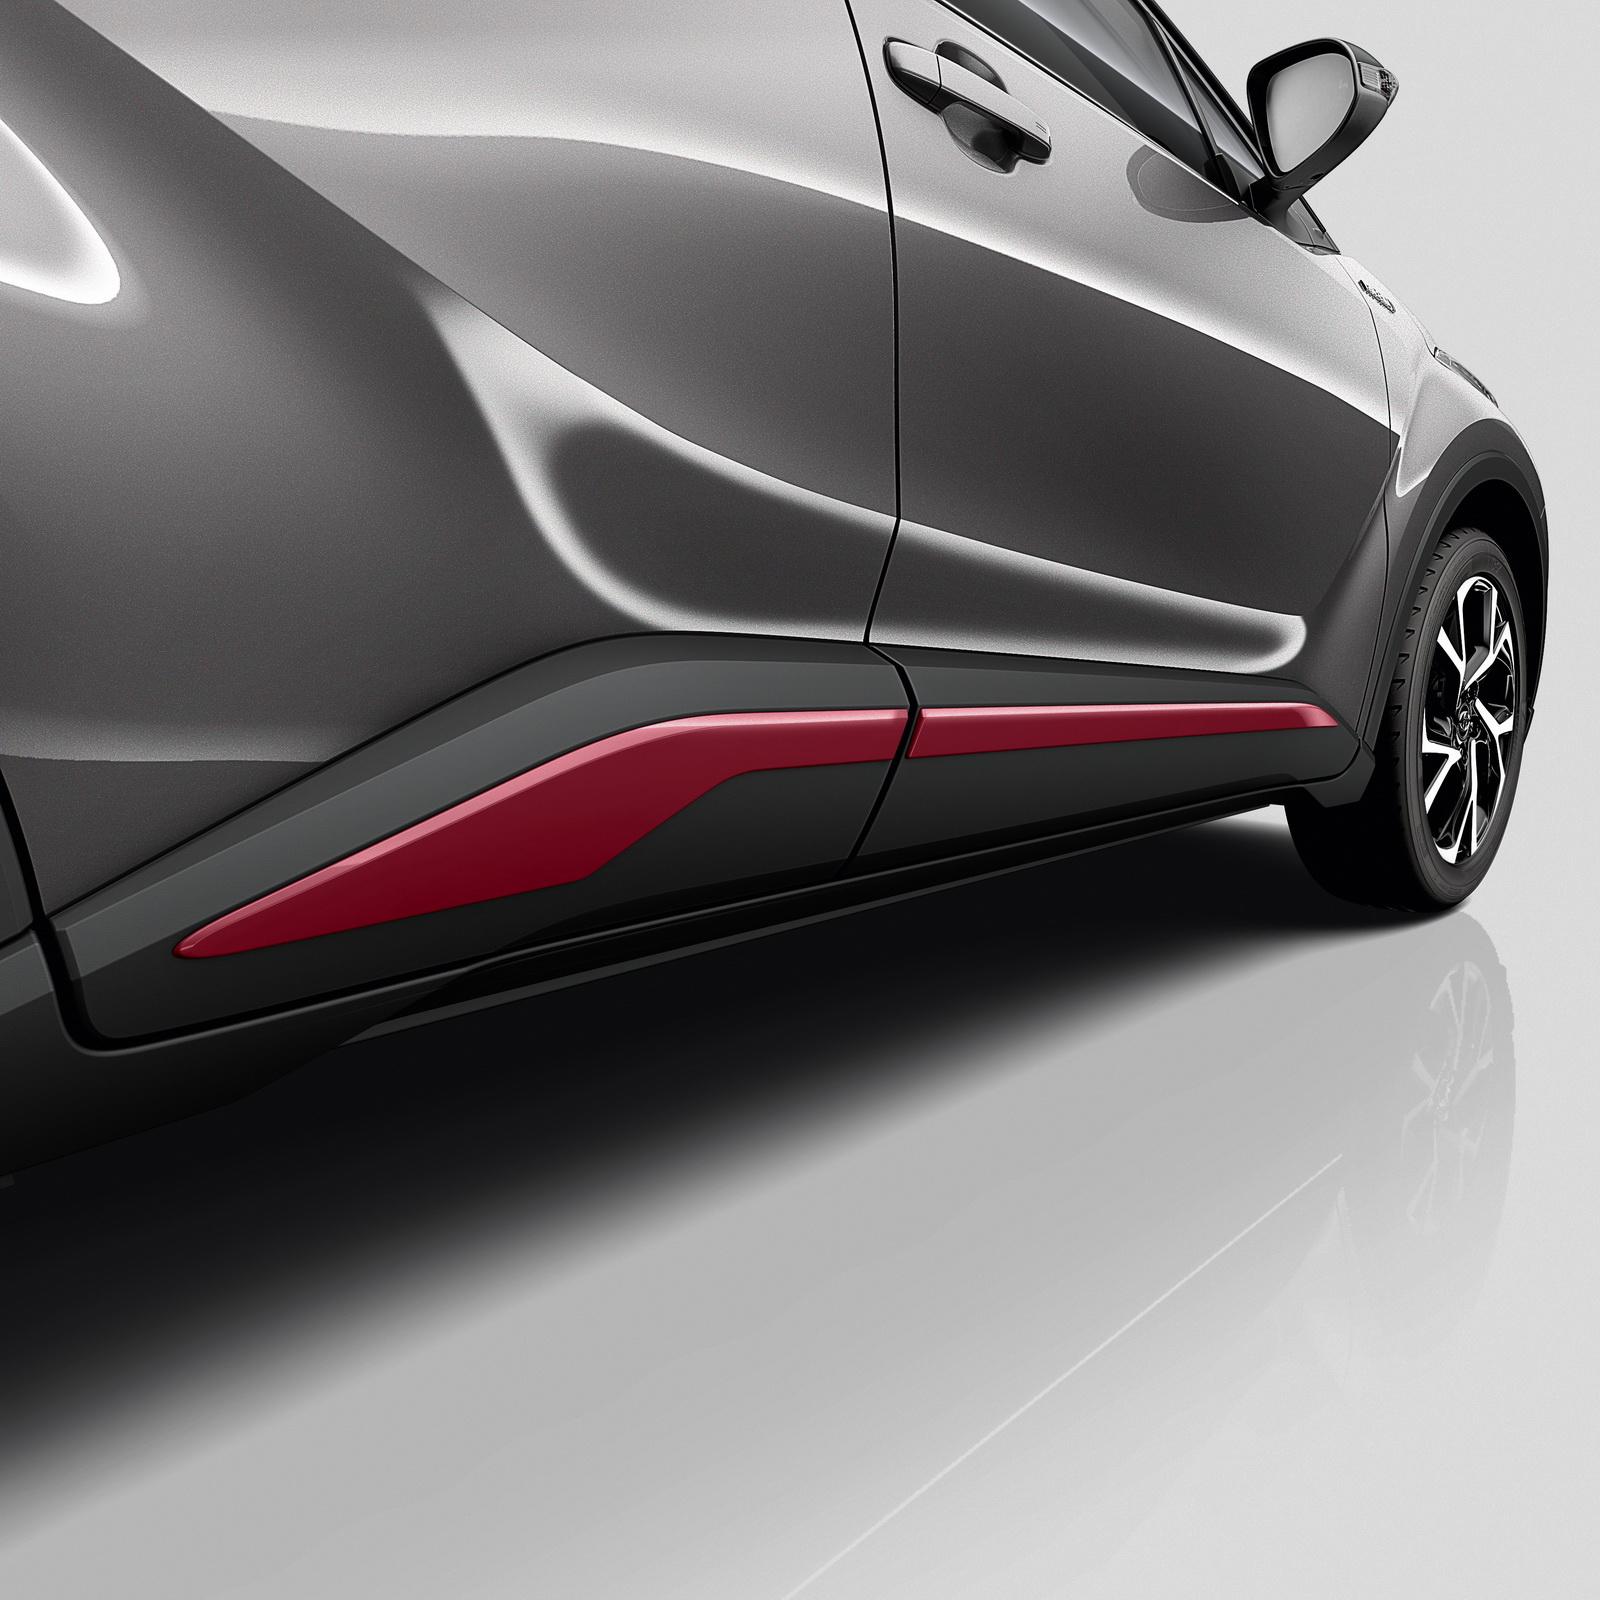 ToyotaC-HR accesories (6)